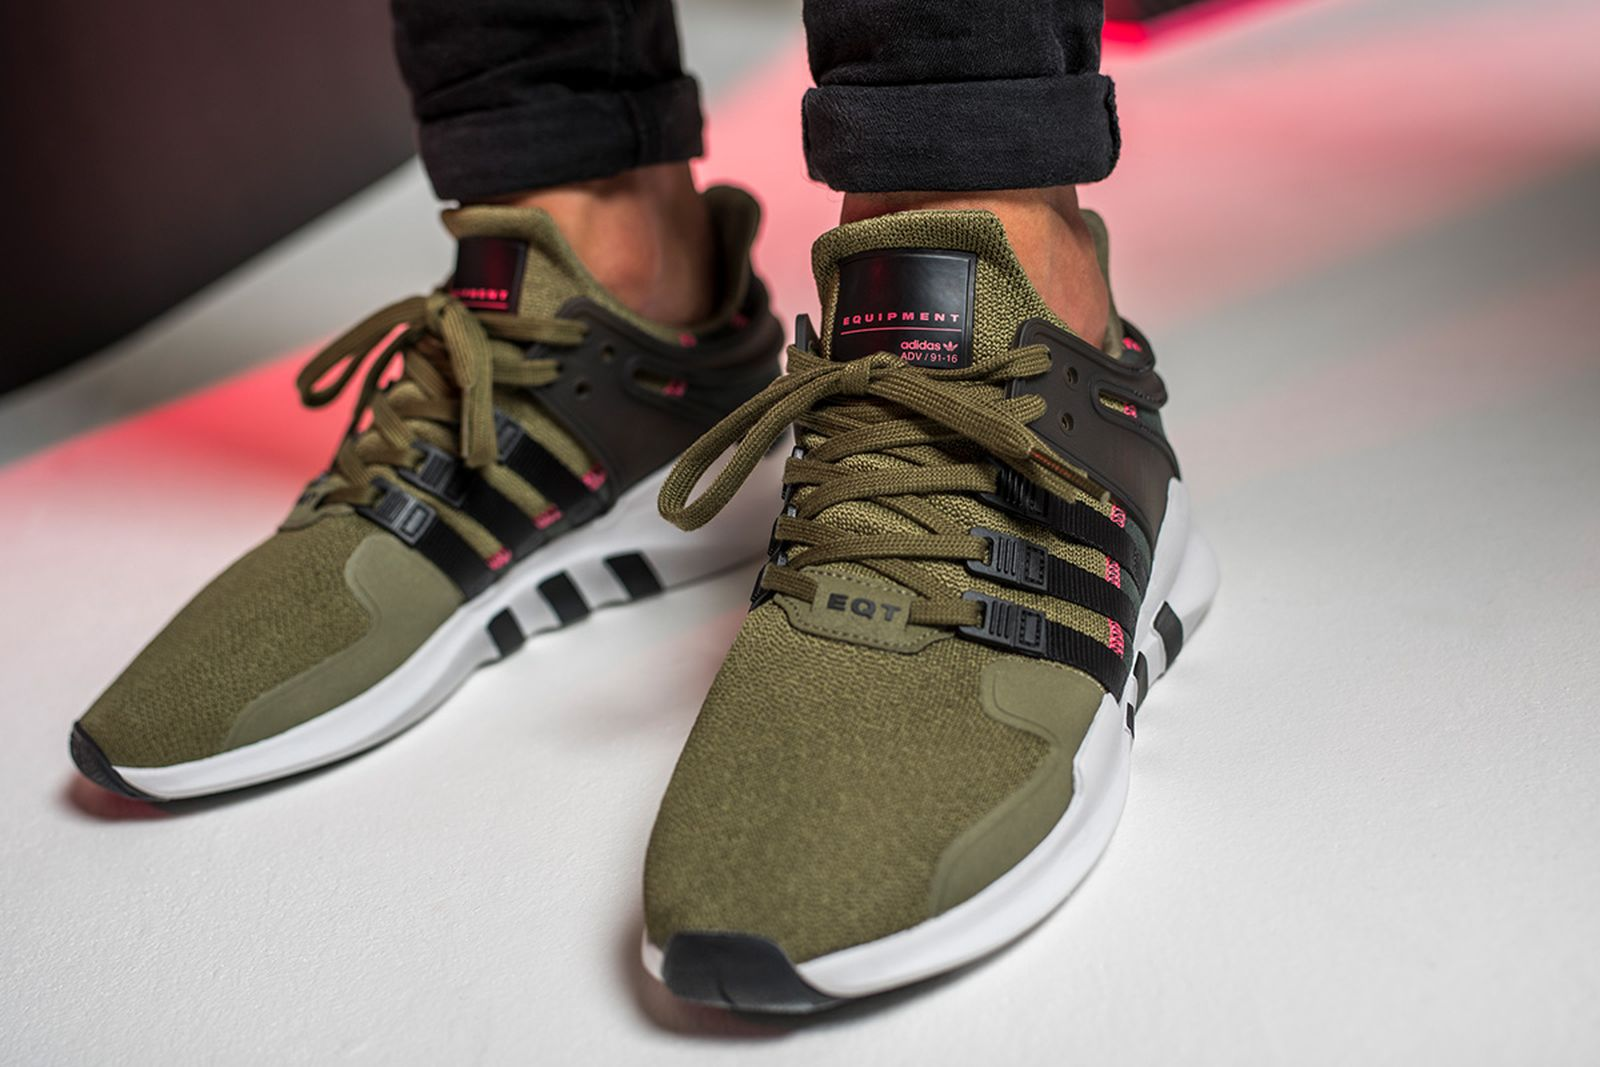 adidas-eqt-support-adv-footlocker-01